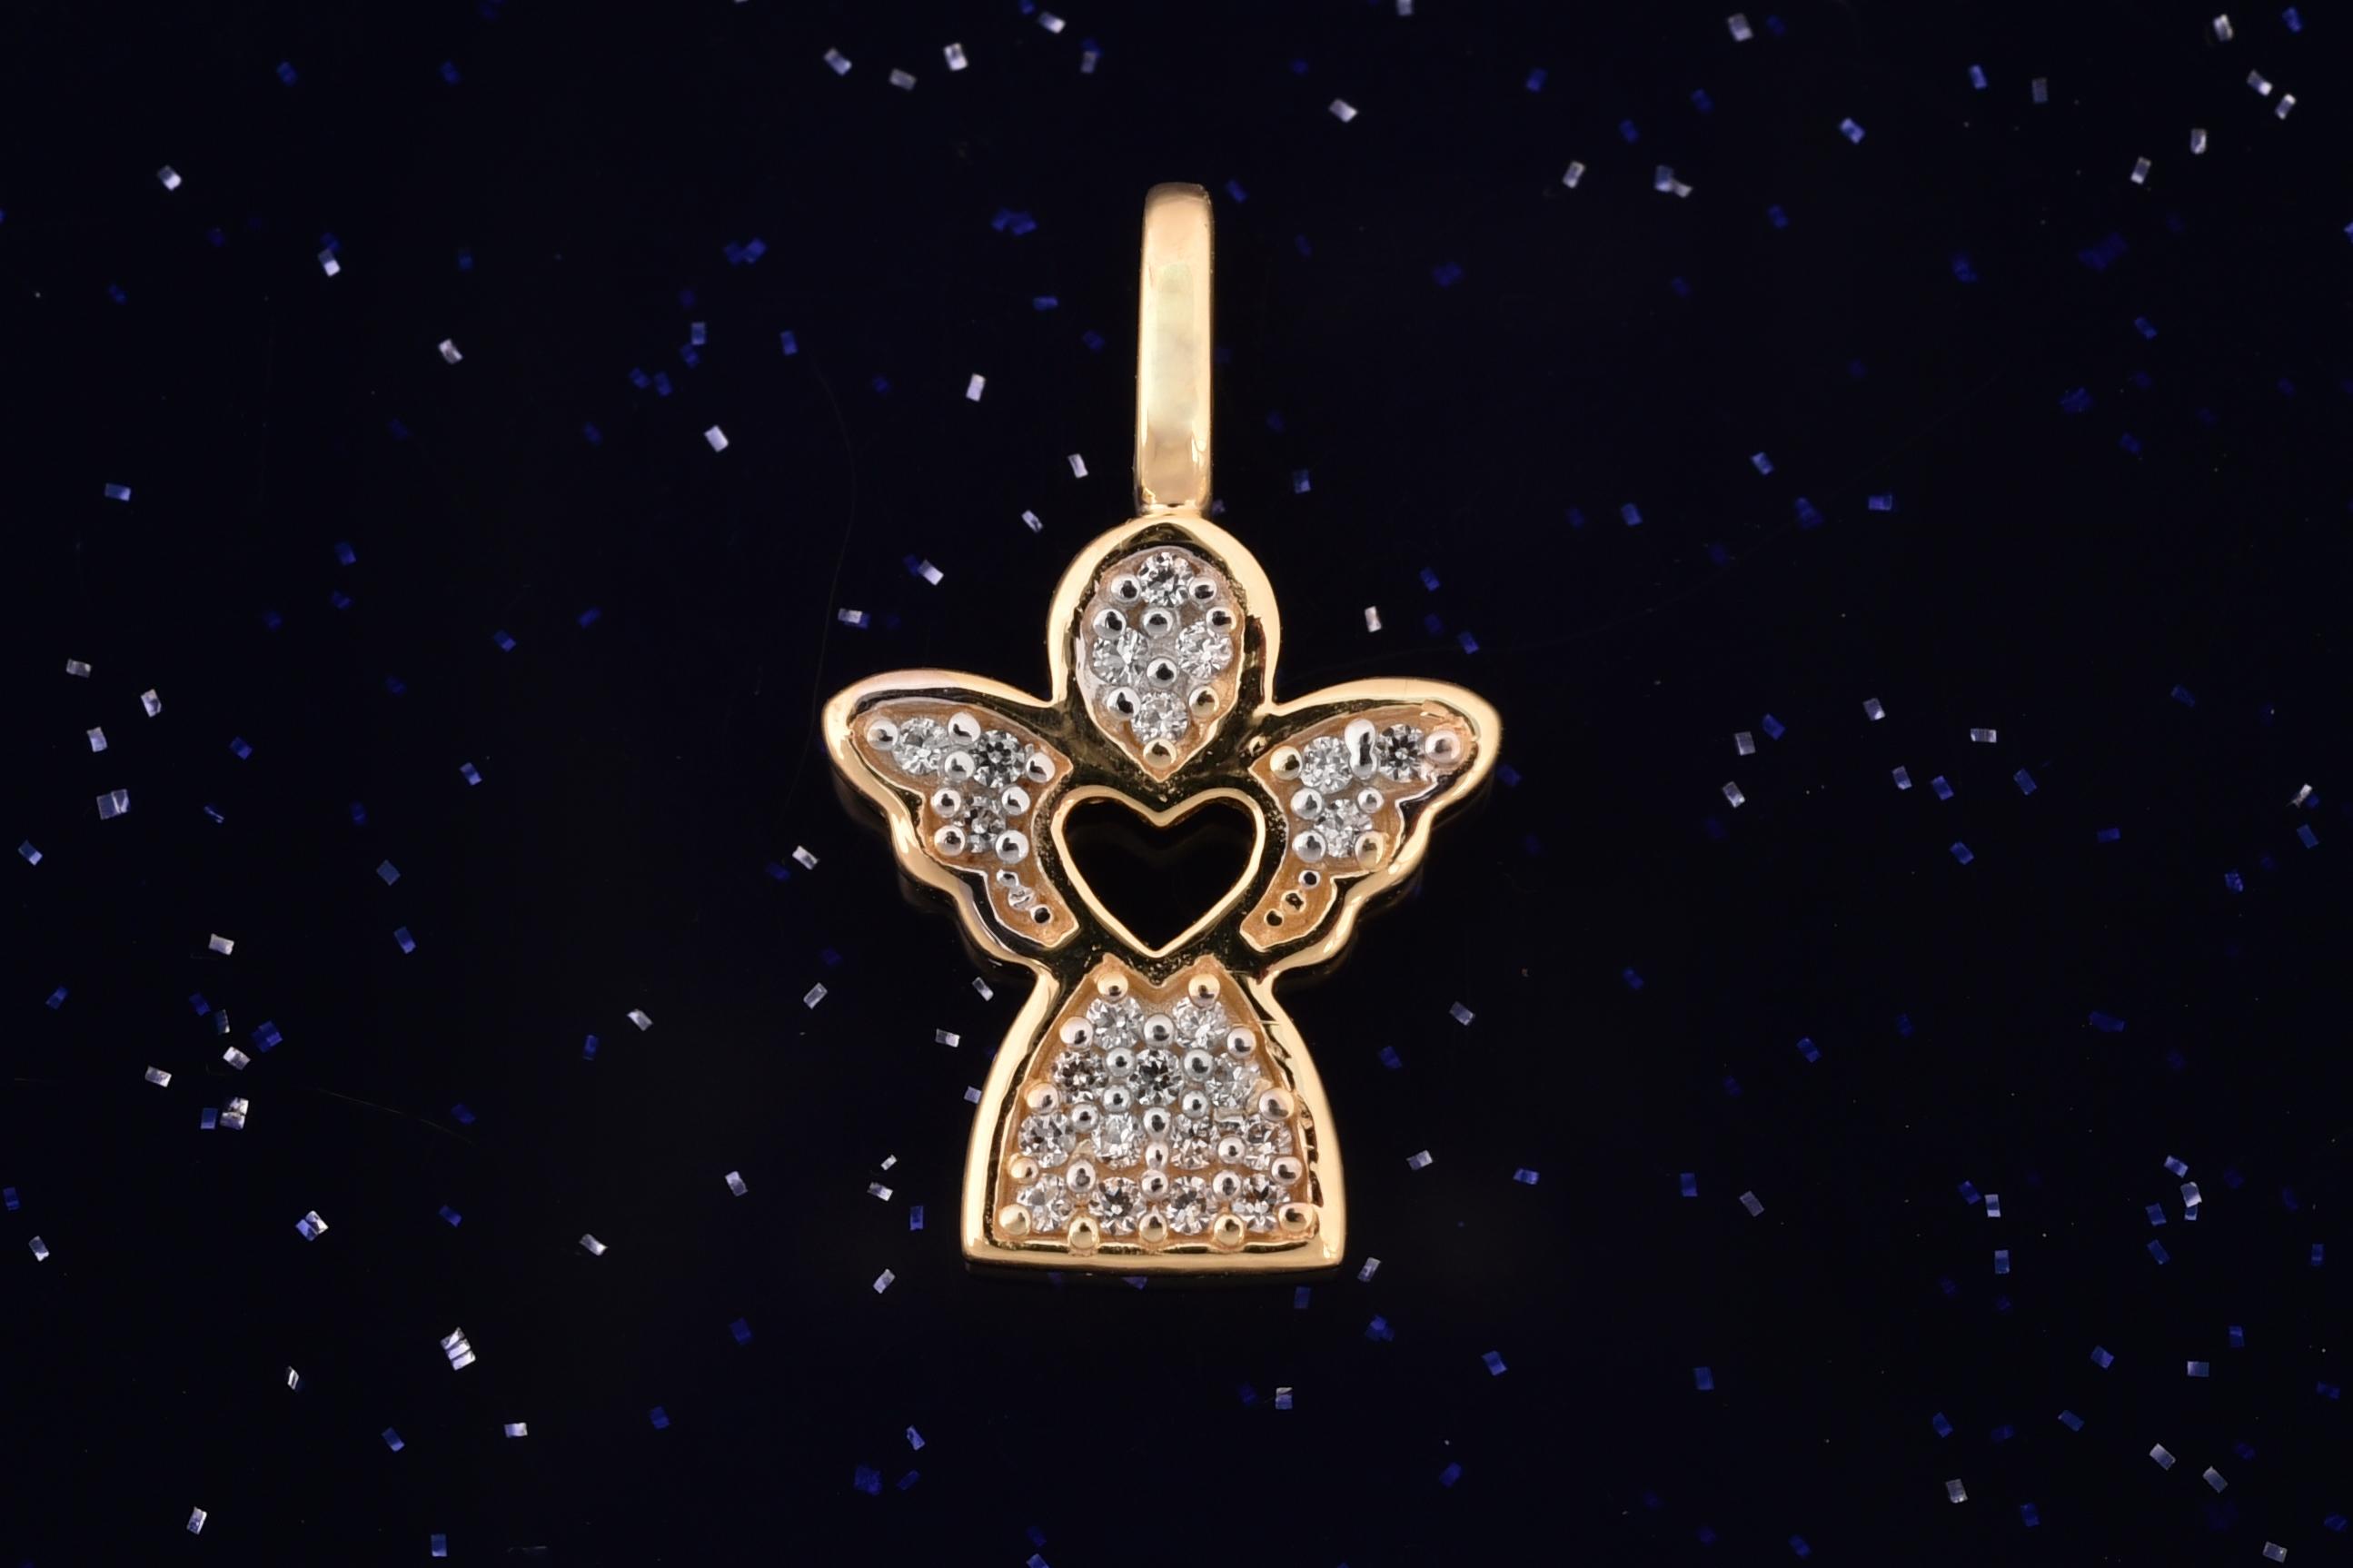 Zlatý anděl přívěsek P013 14kt,1,40g (14kt,váha 1,40g)